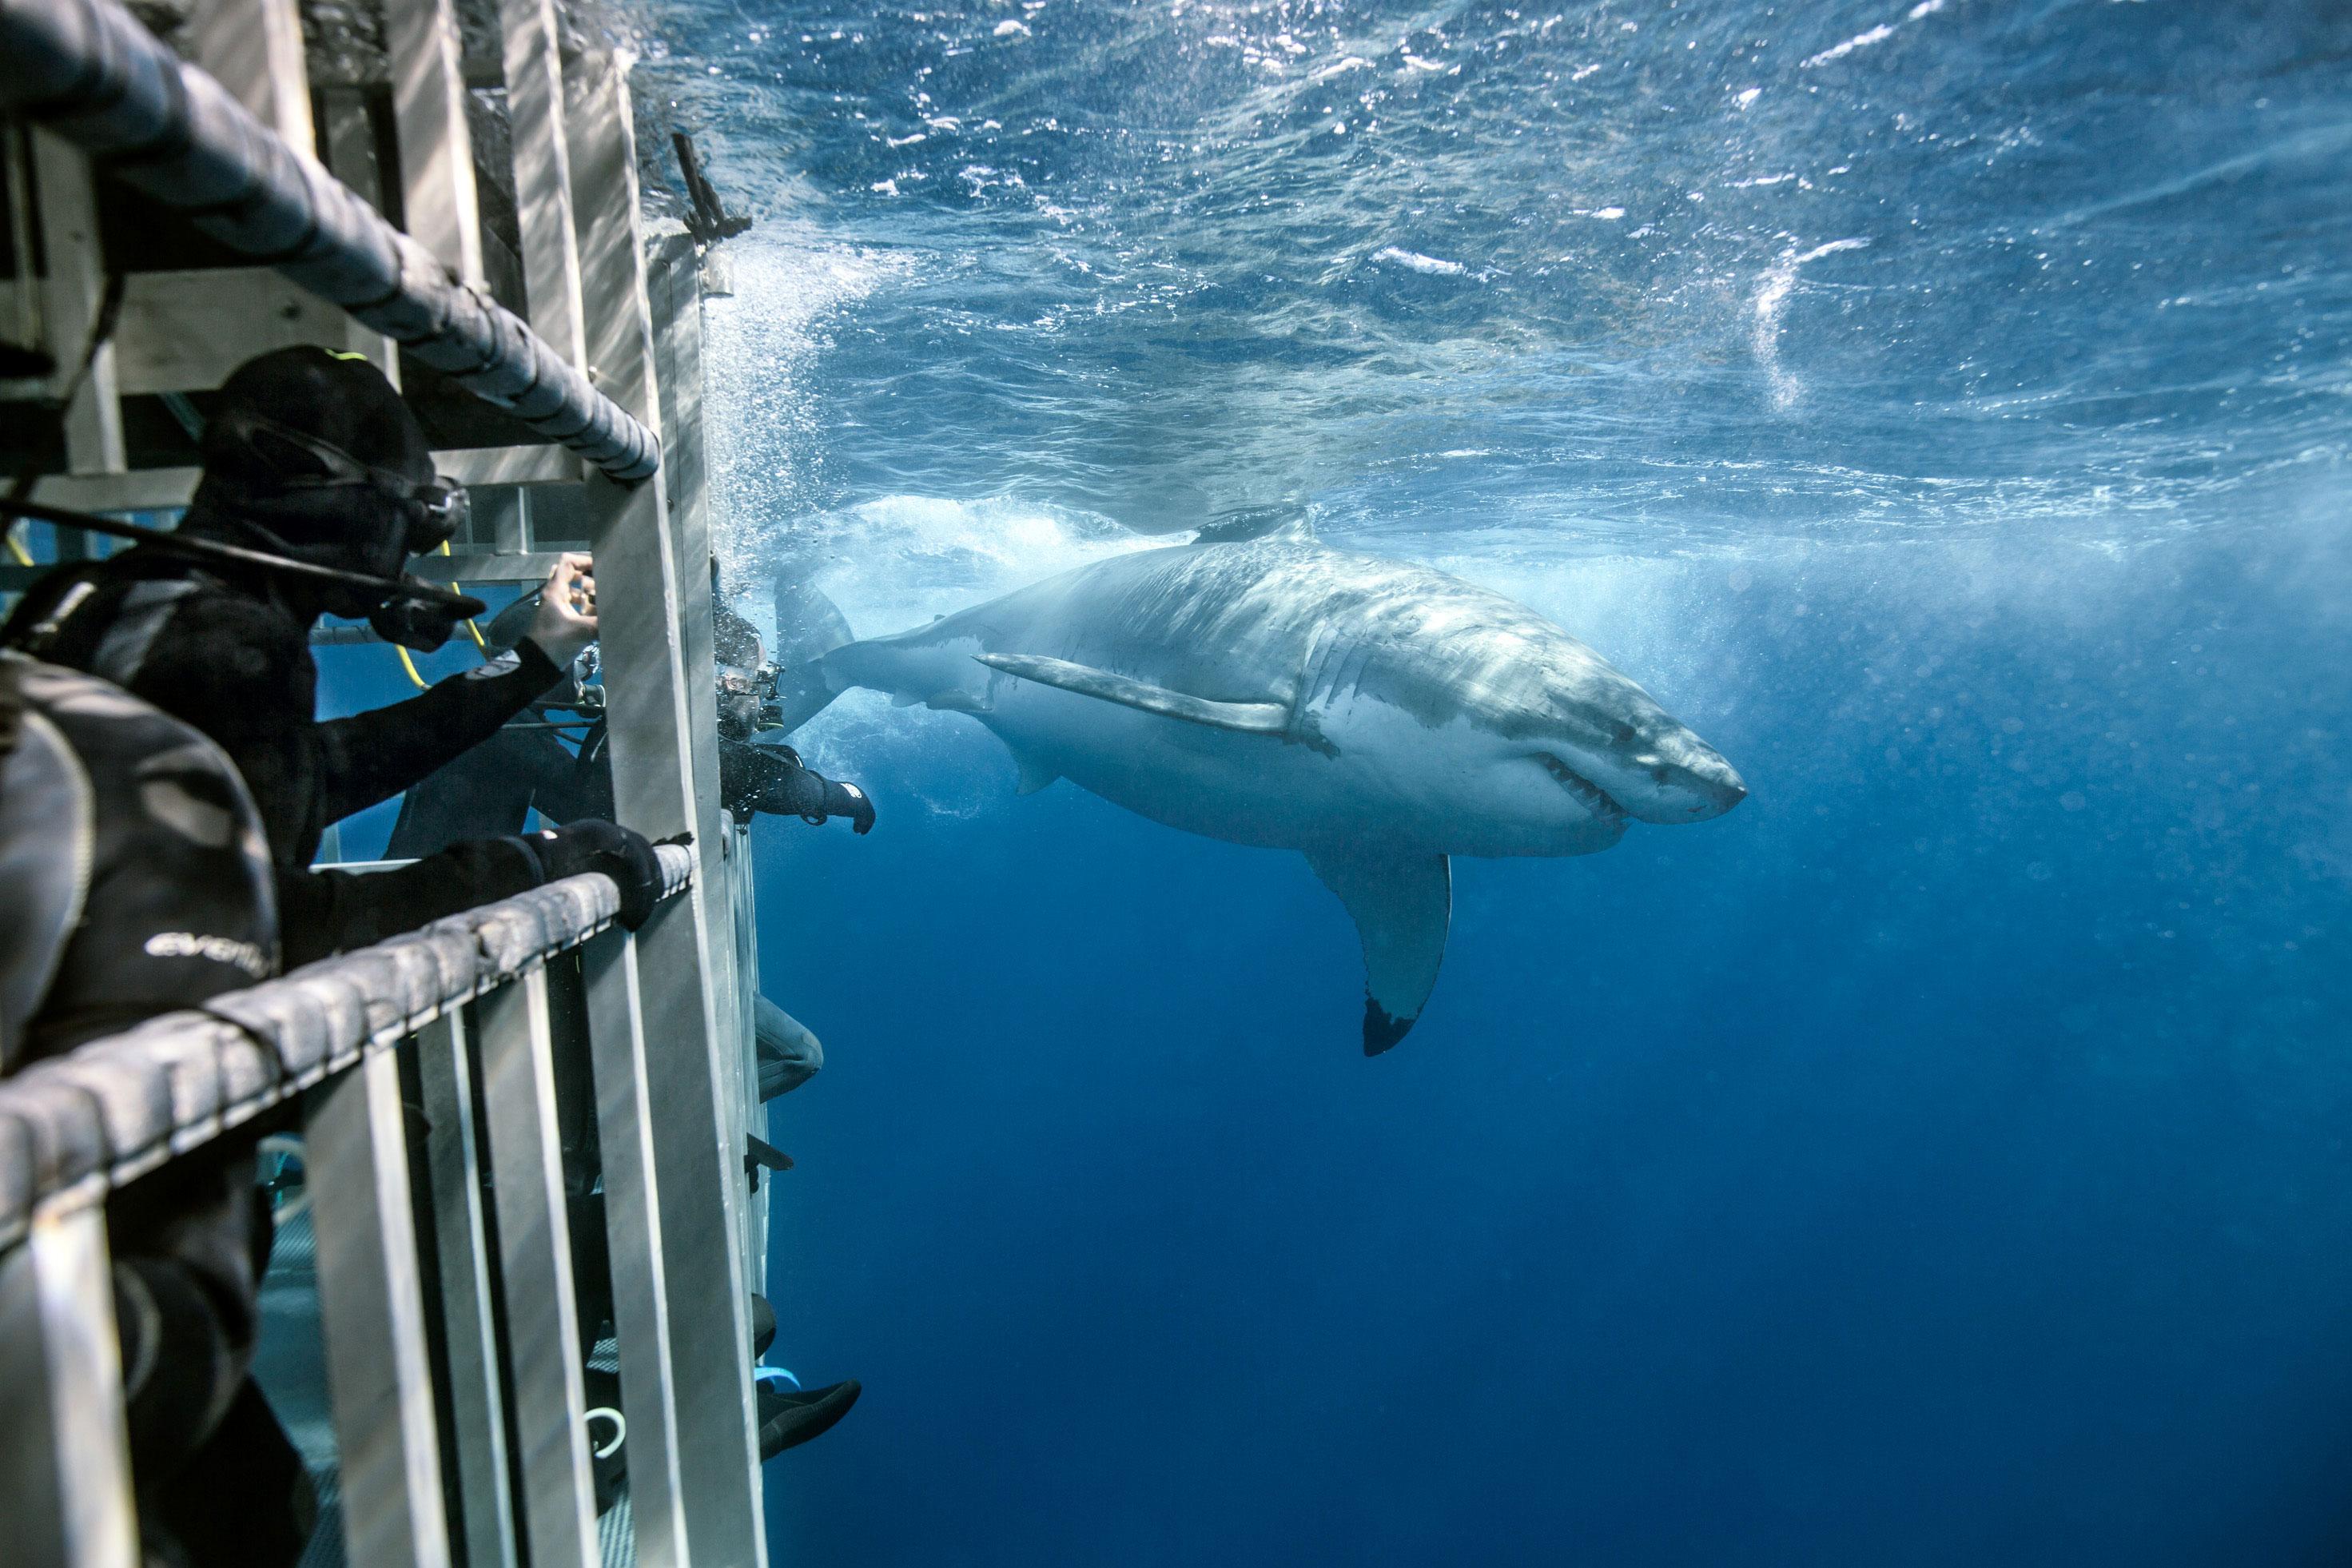 Hrane se planktonom i sitnim morskim životinjama koje hvataju svojim lovkama opremljenim žarnim stanicama.